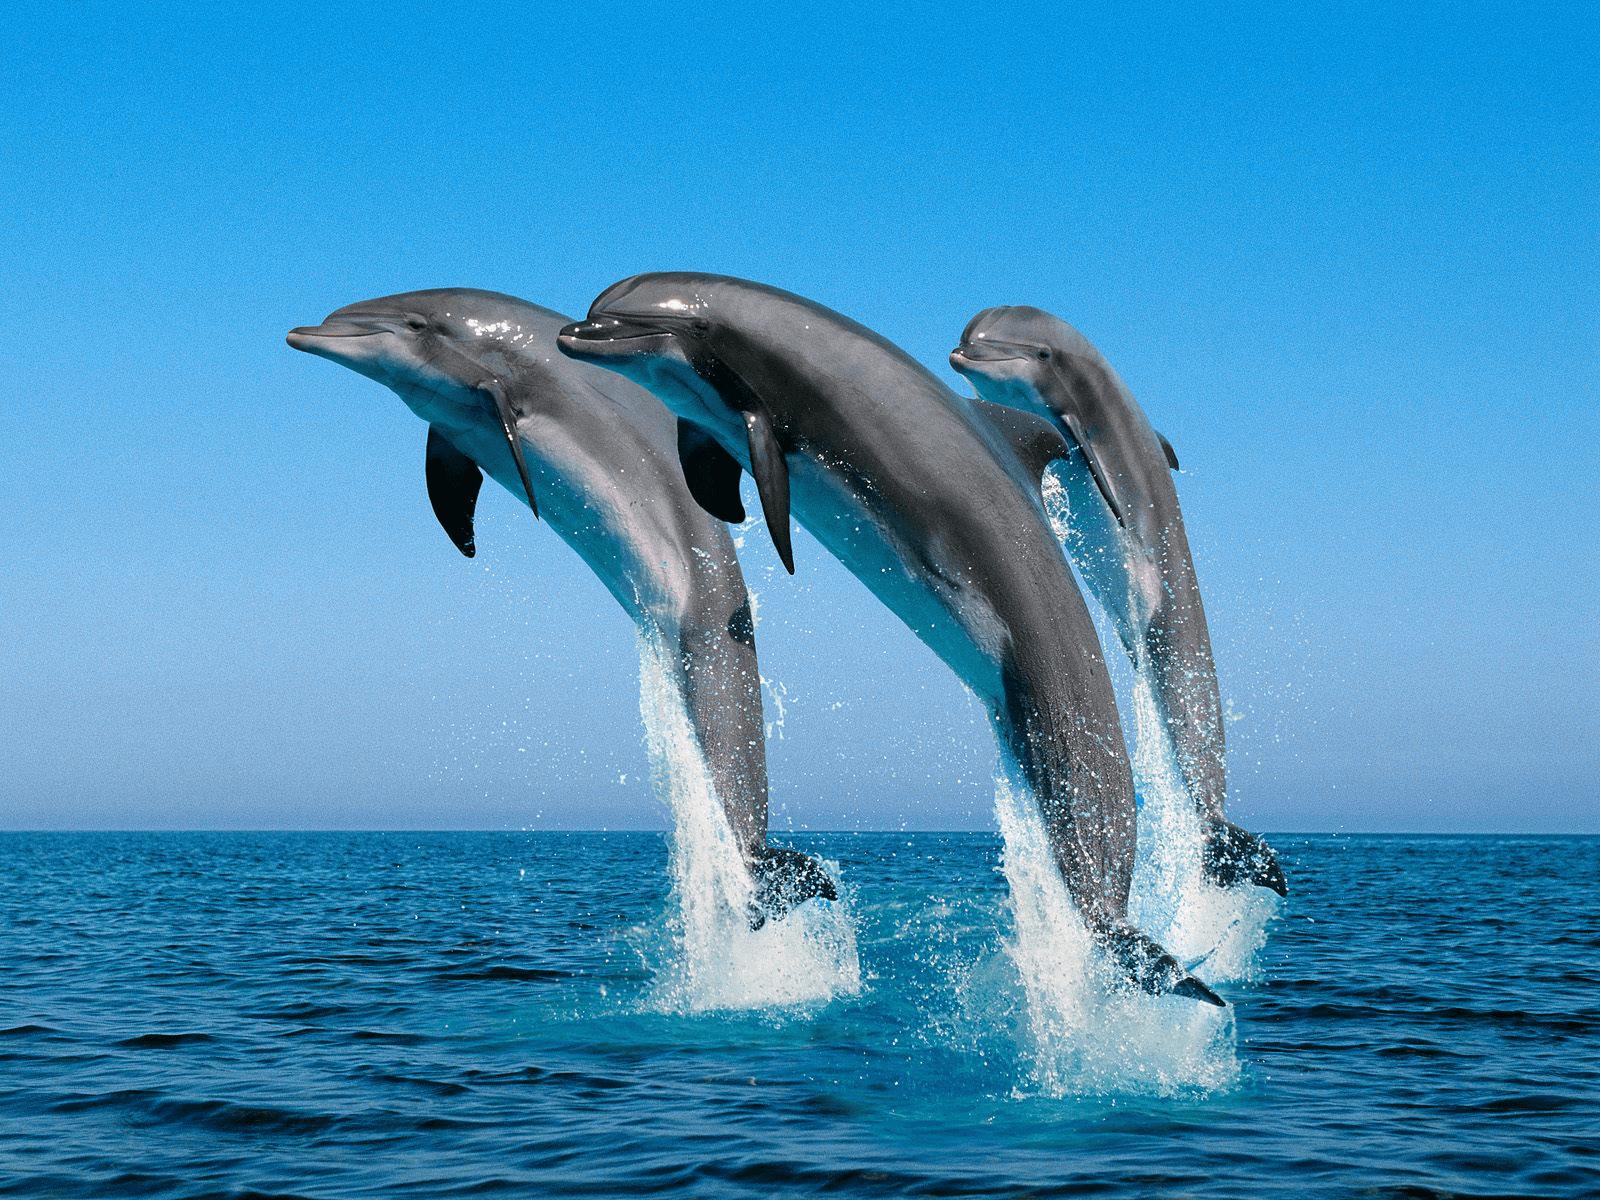 דולפינים קופצים מהמים